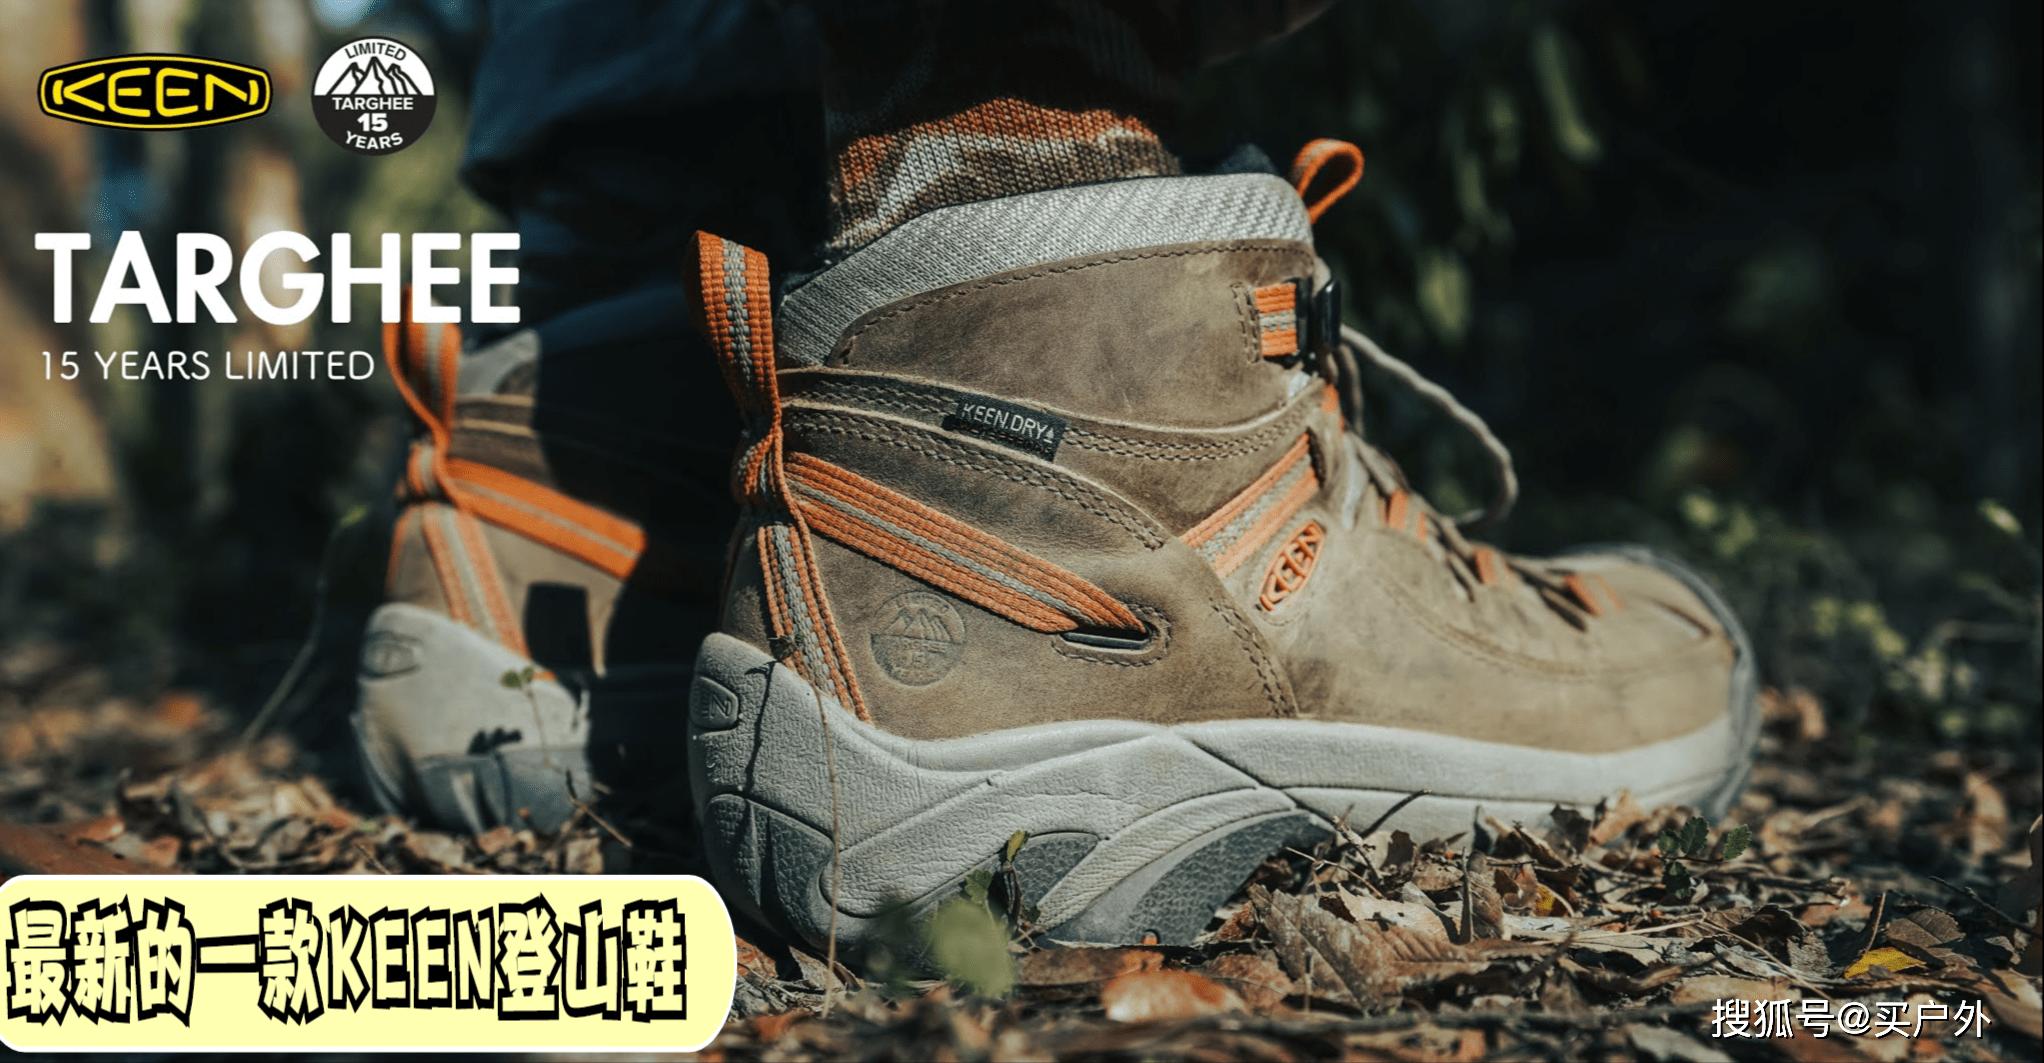 最新的一款KEEN登山鞋,驴友对KEEN限量纪念款登山鞋测评